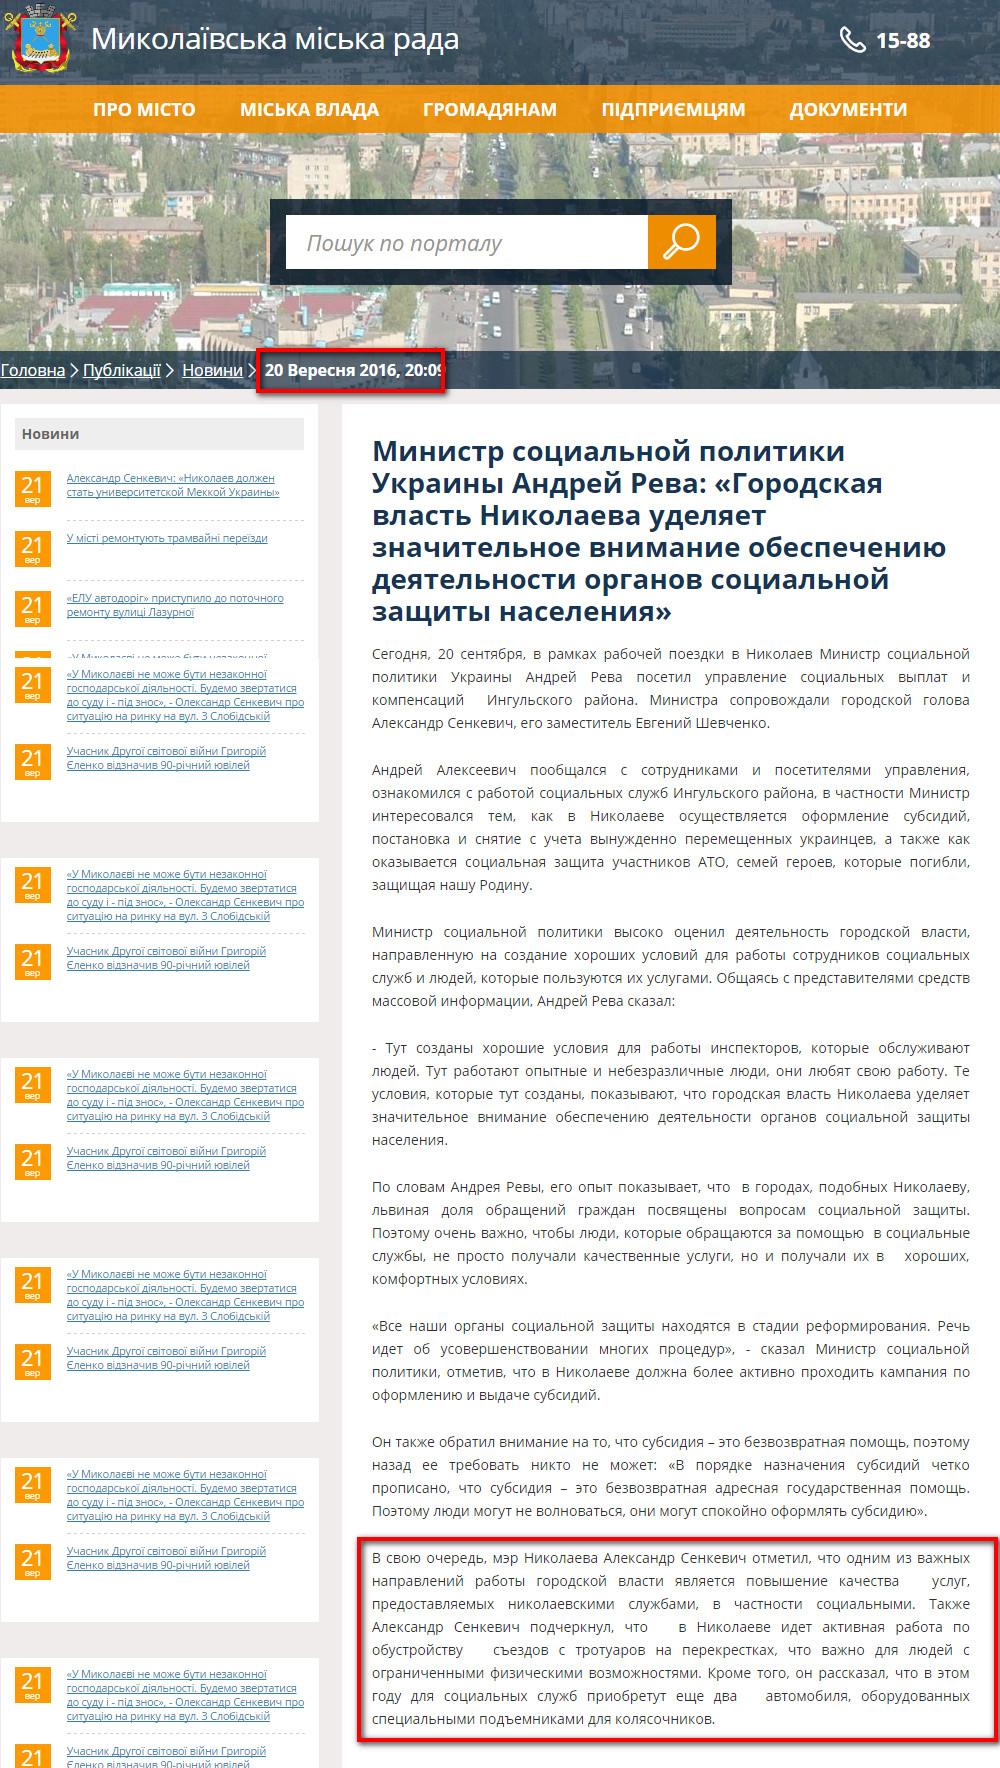 https://mkrada.gov.ua/news/3379.html